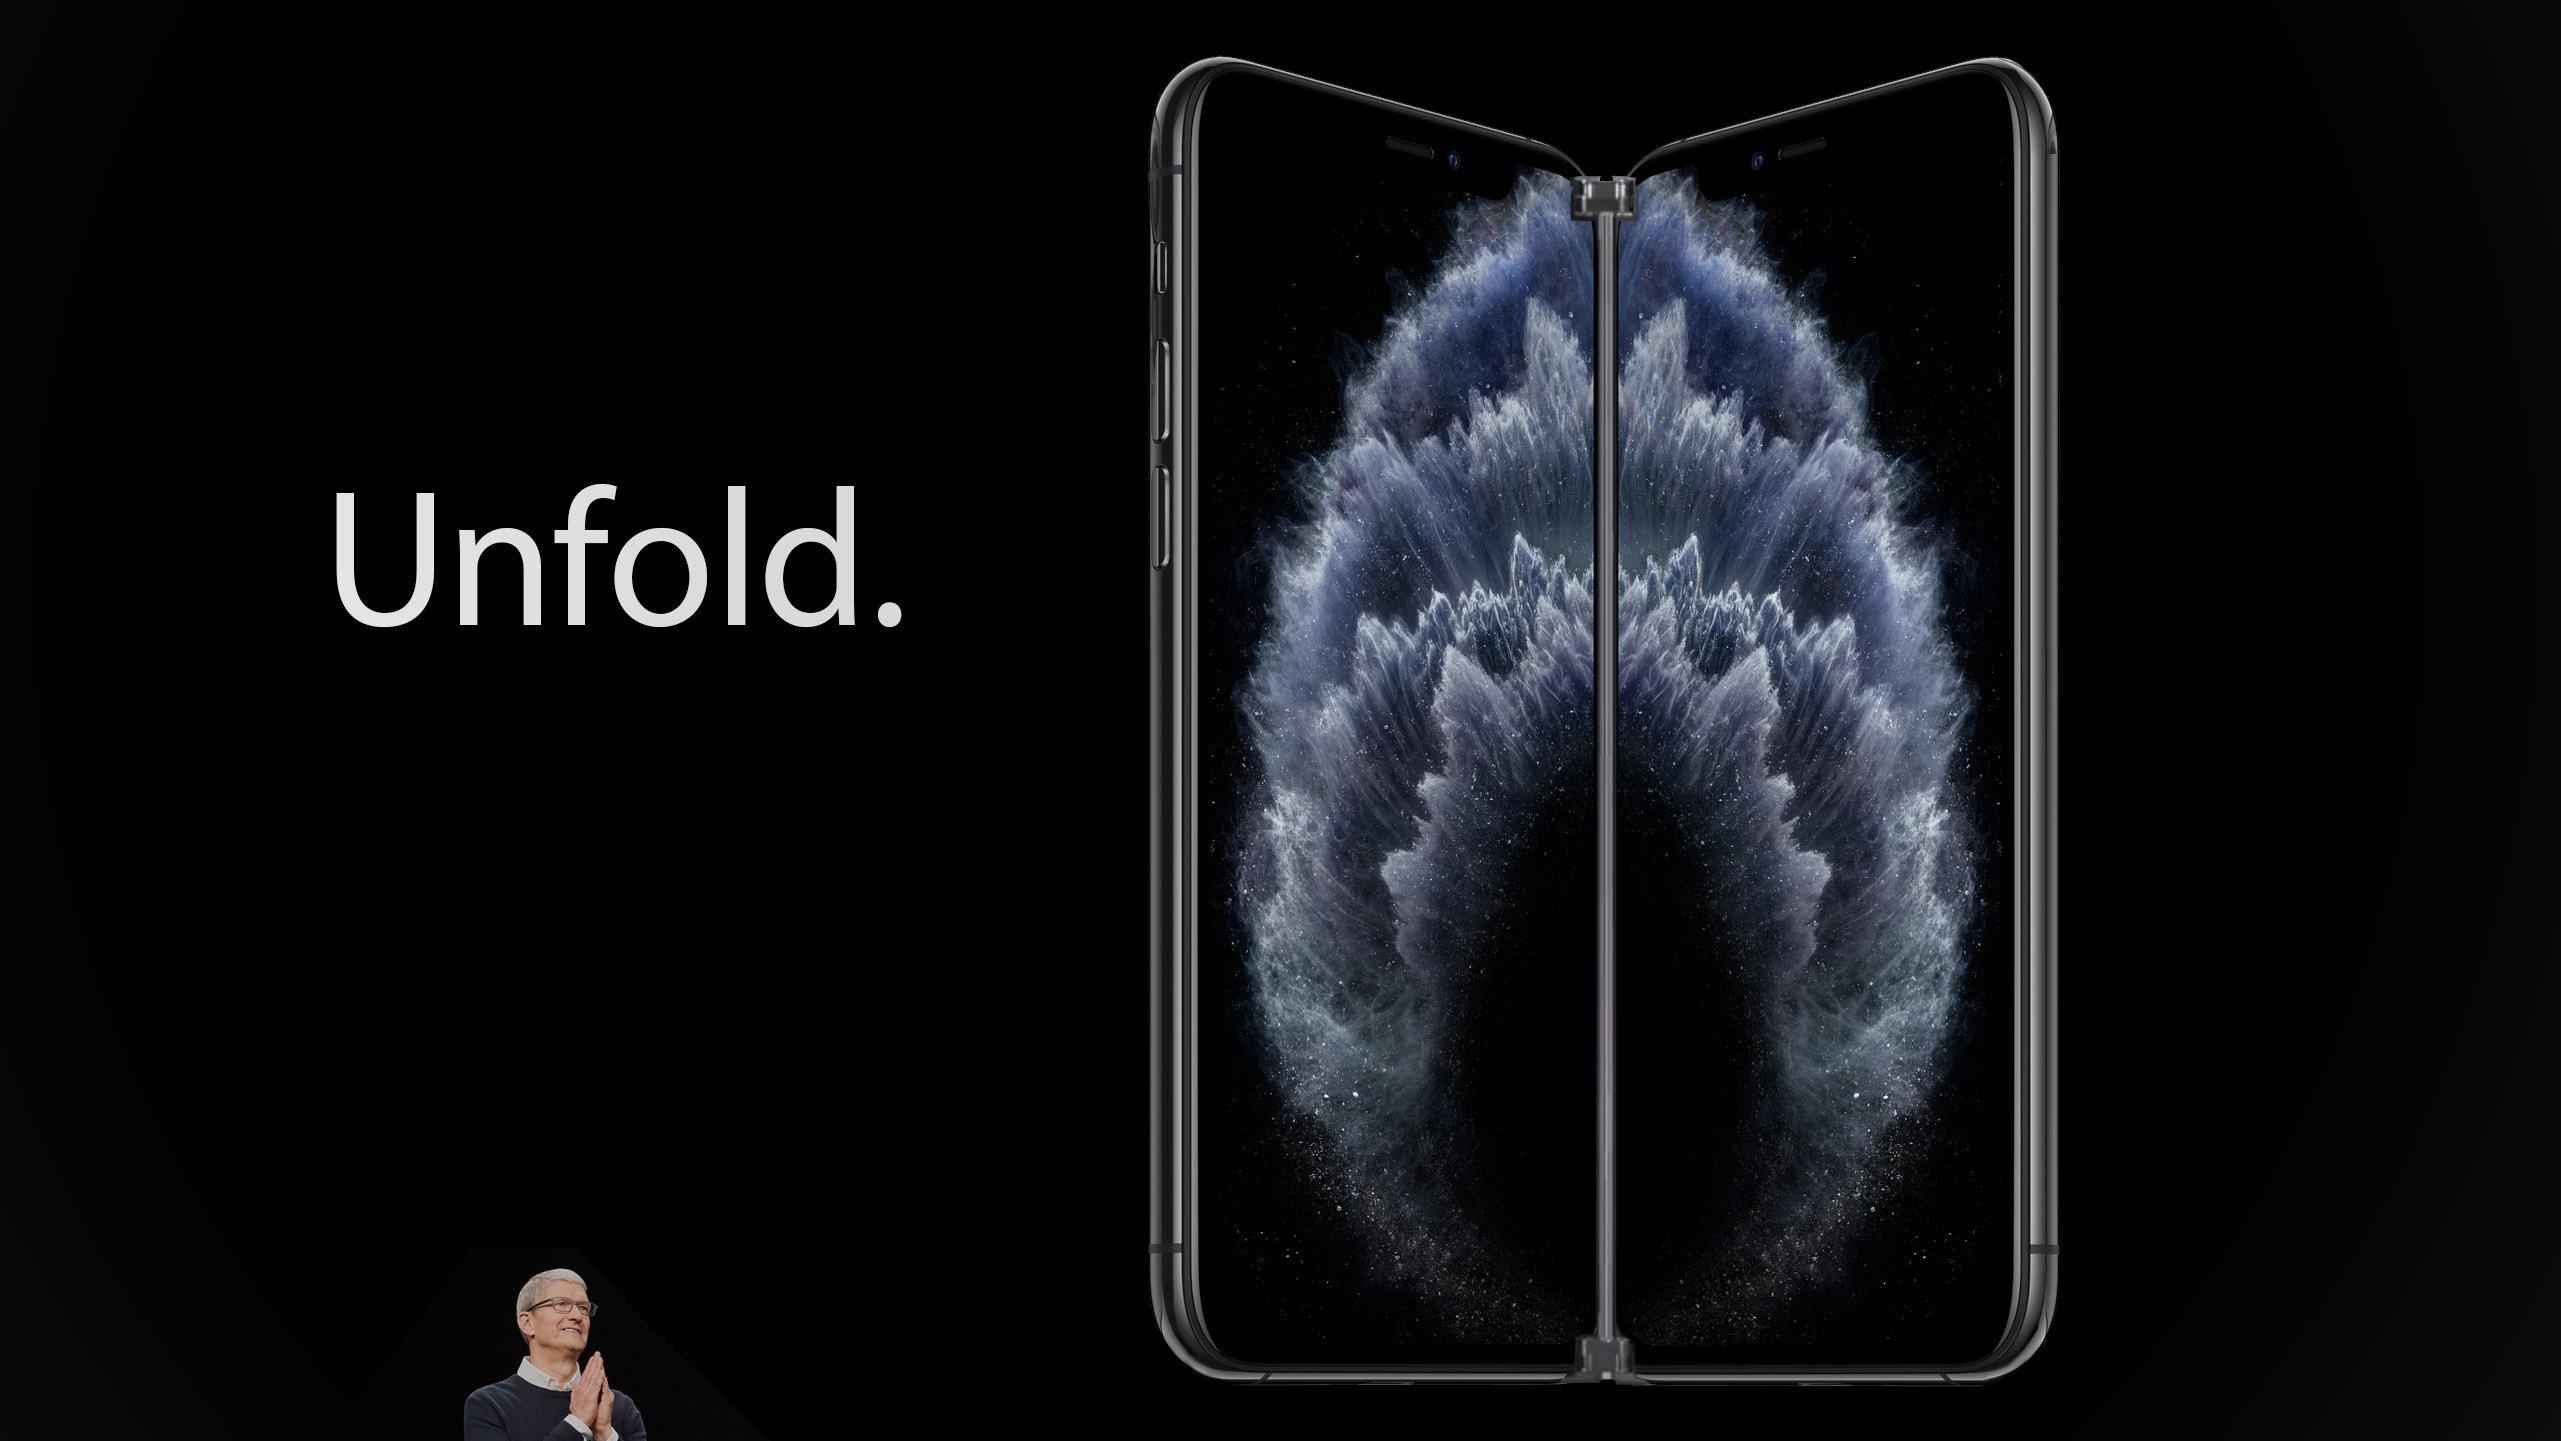 iFold: Warum mich Apples faltbares iPhone nur halb aus den Socken haut